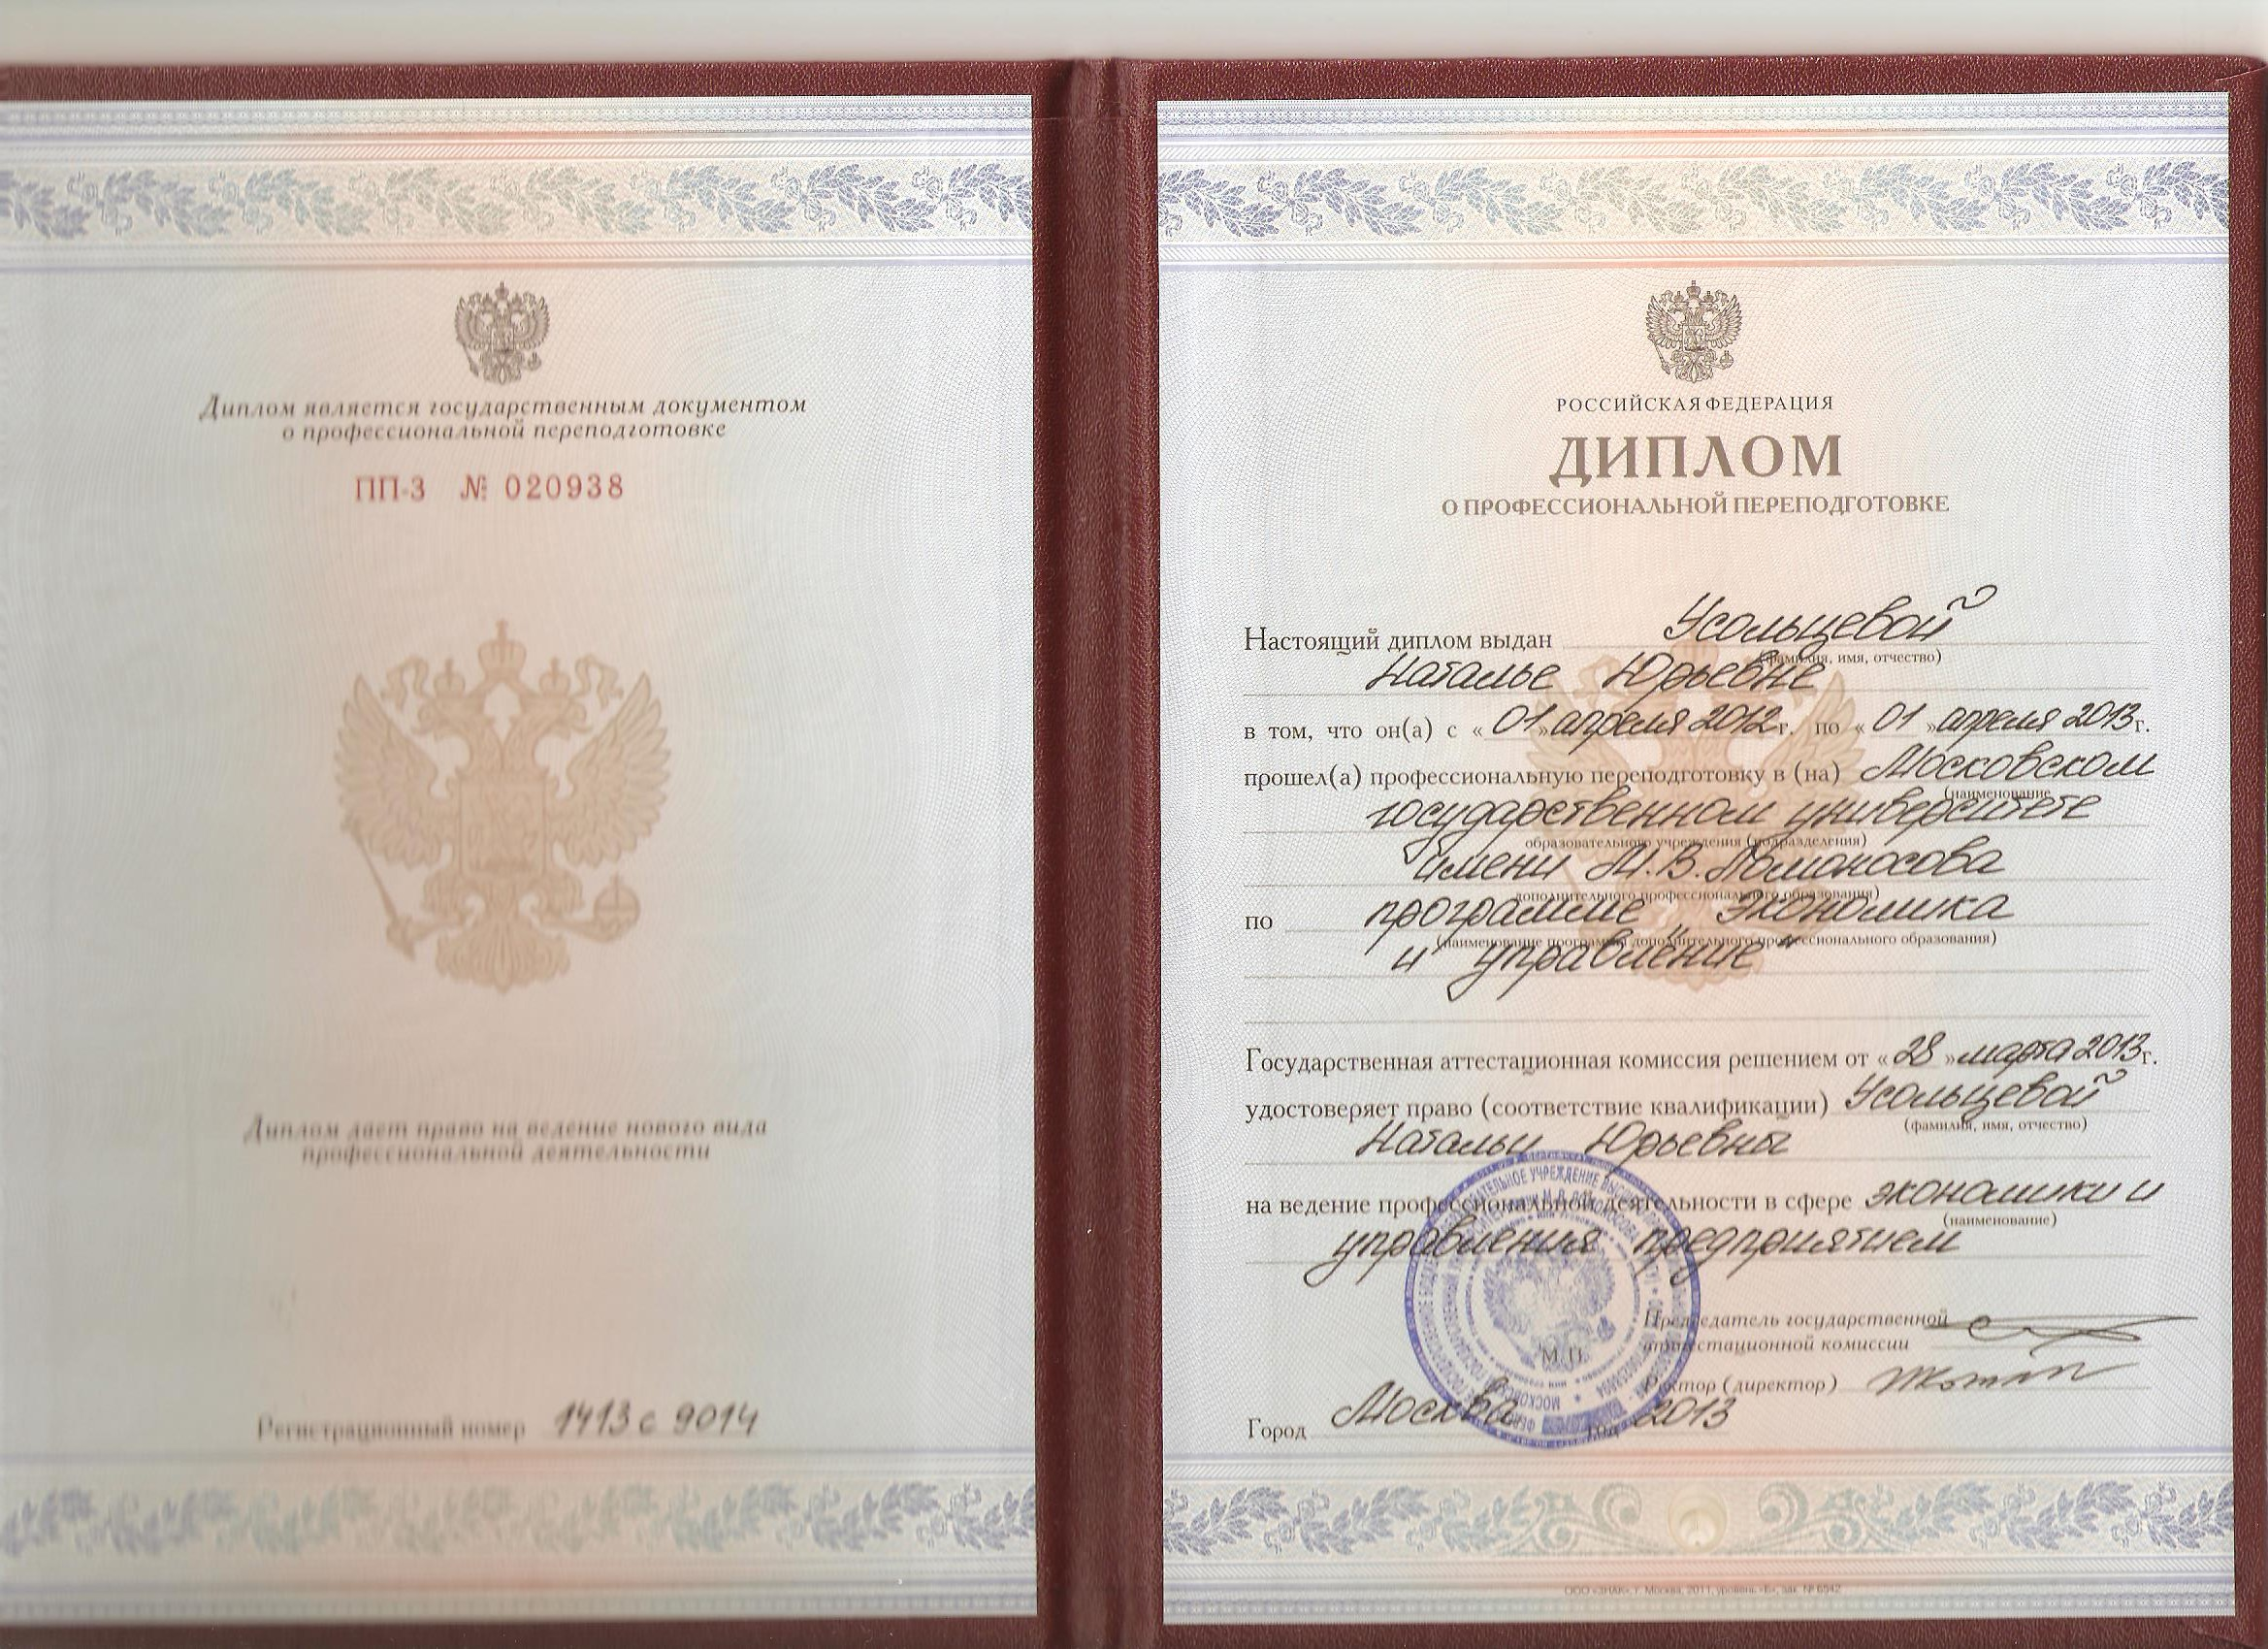 Диплом МГУ в Санкт-Петербурге